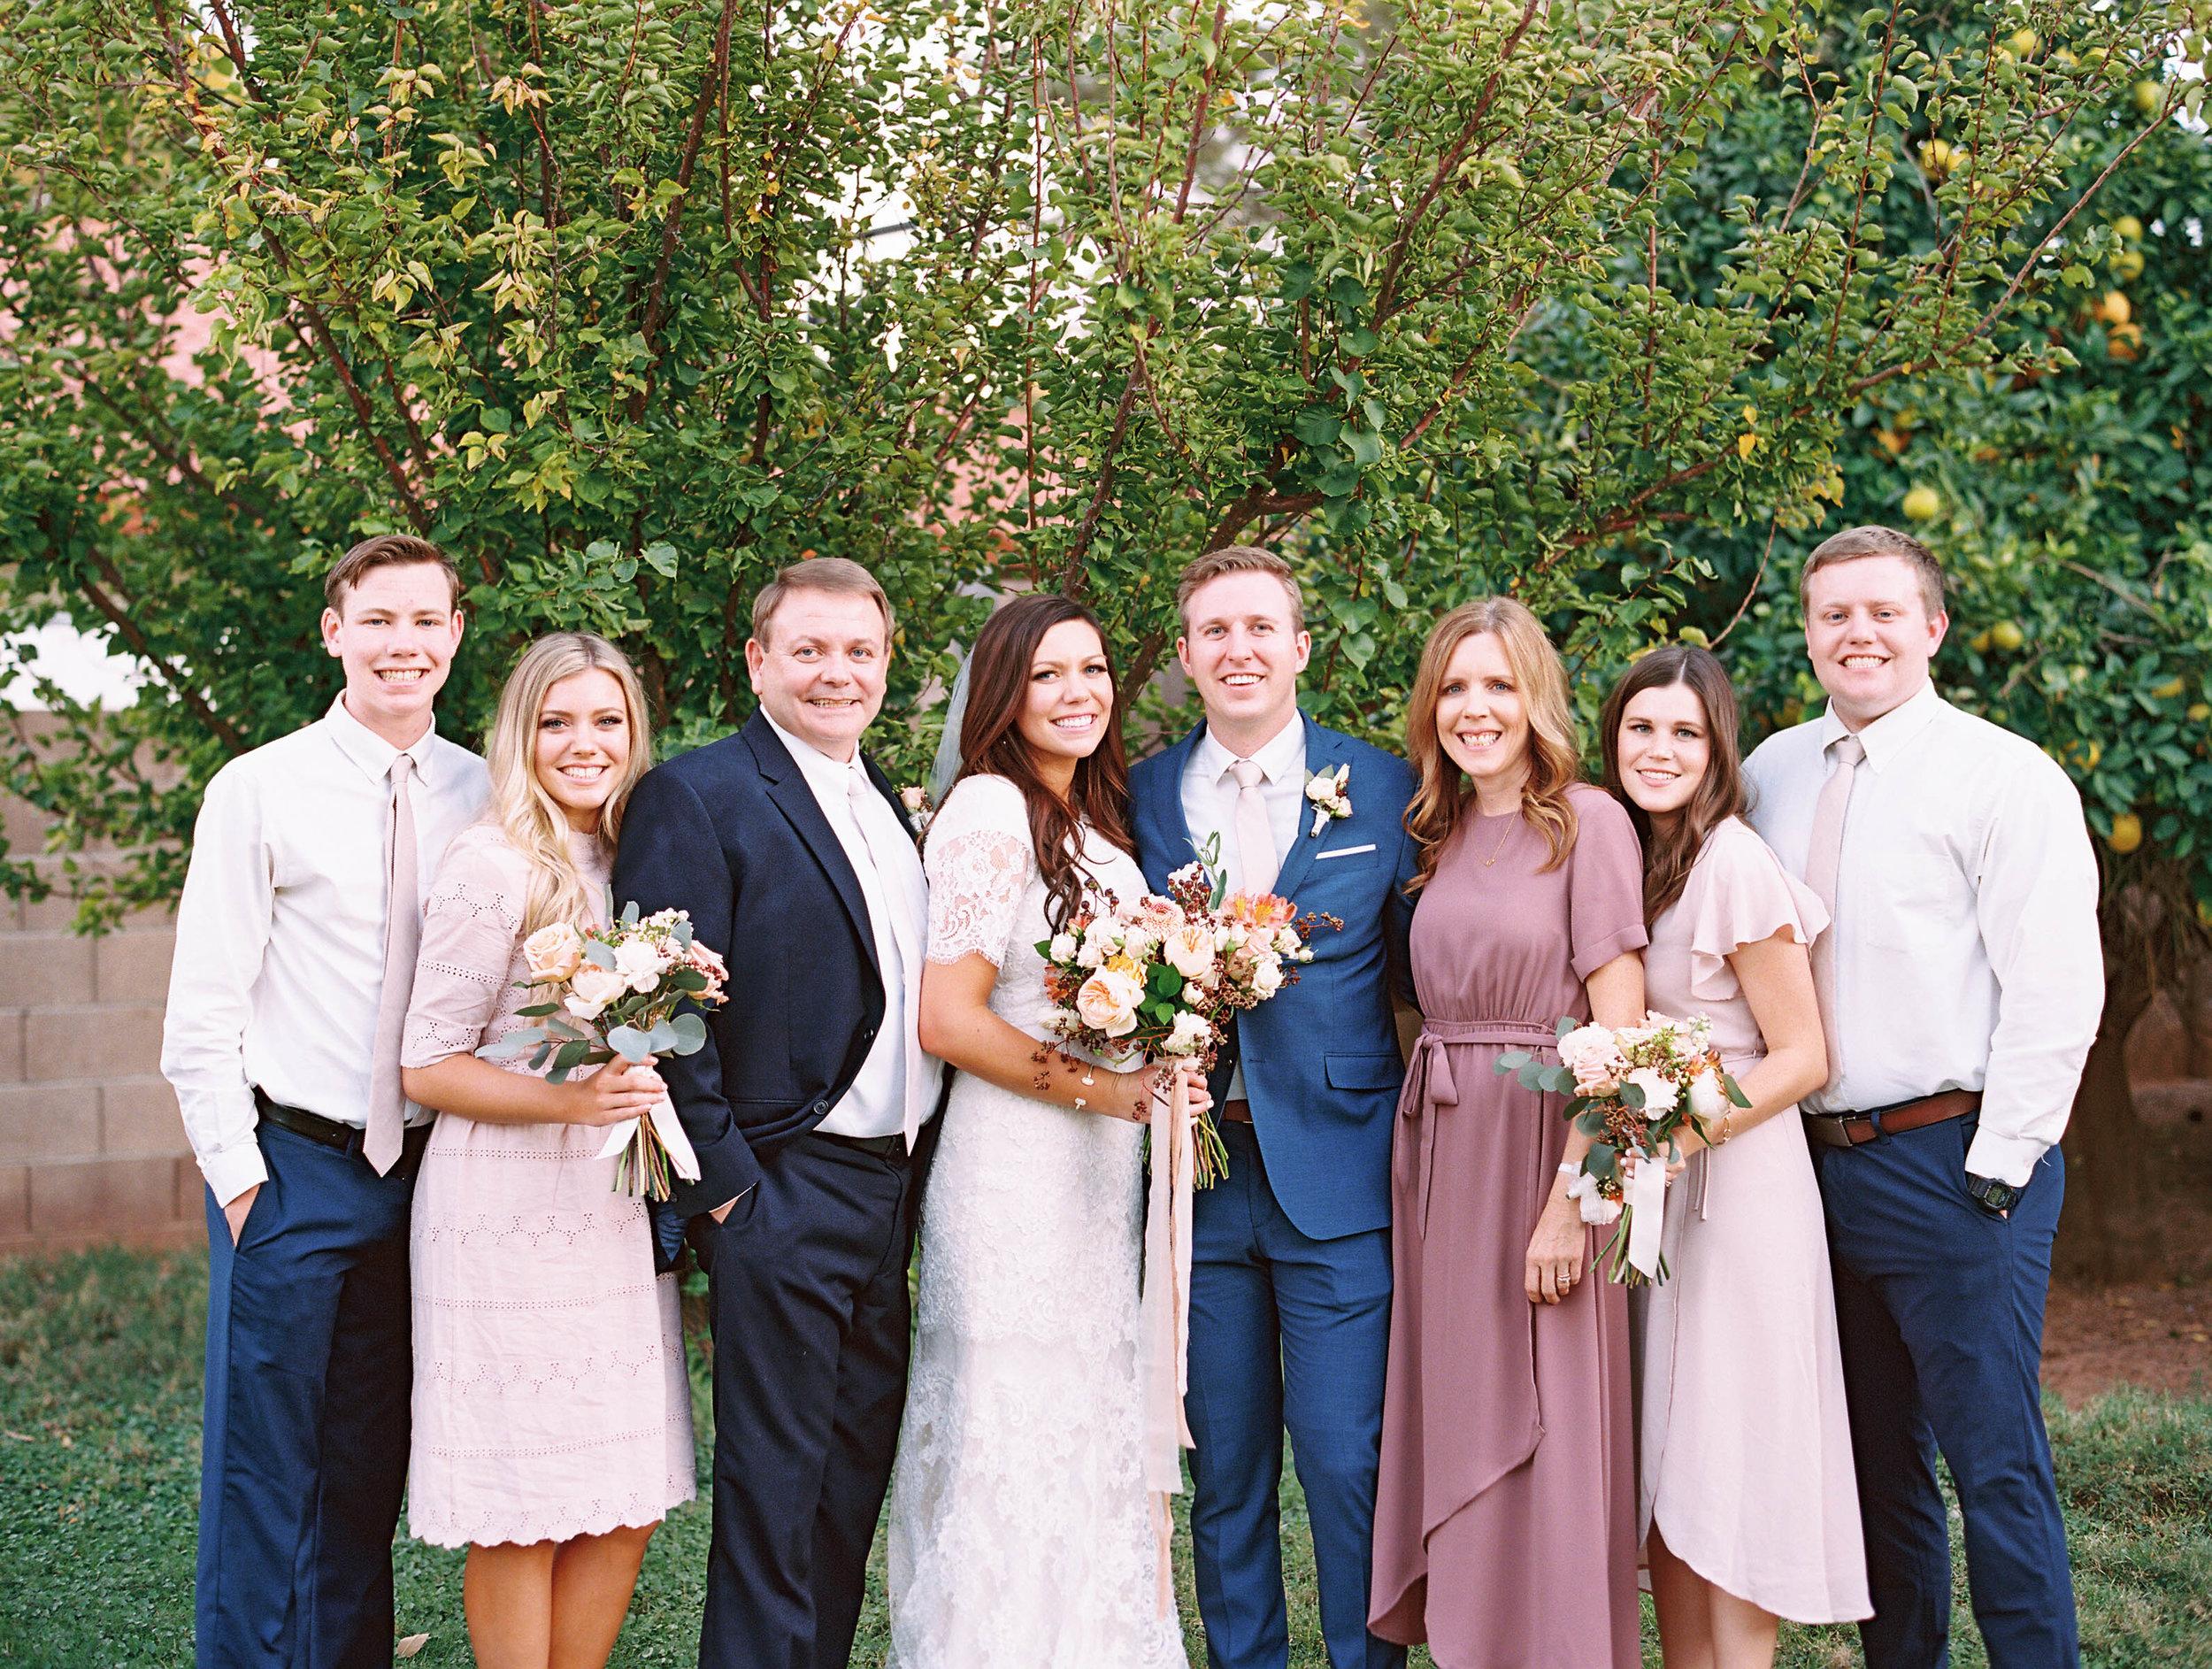 kelsandmichael_weddingphotography_coffey-103.jpg